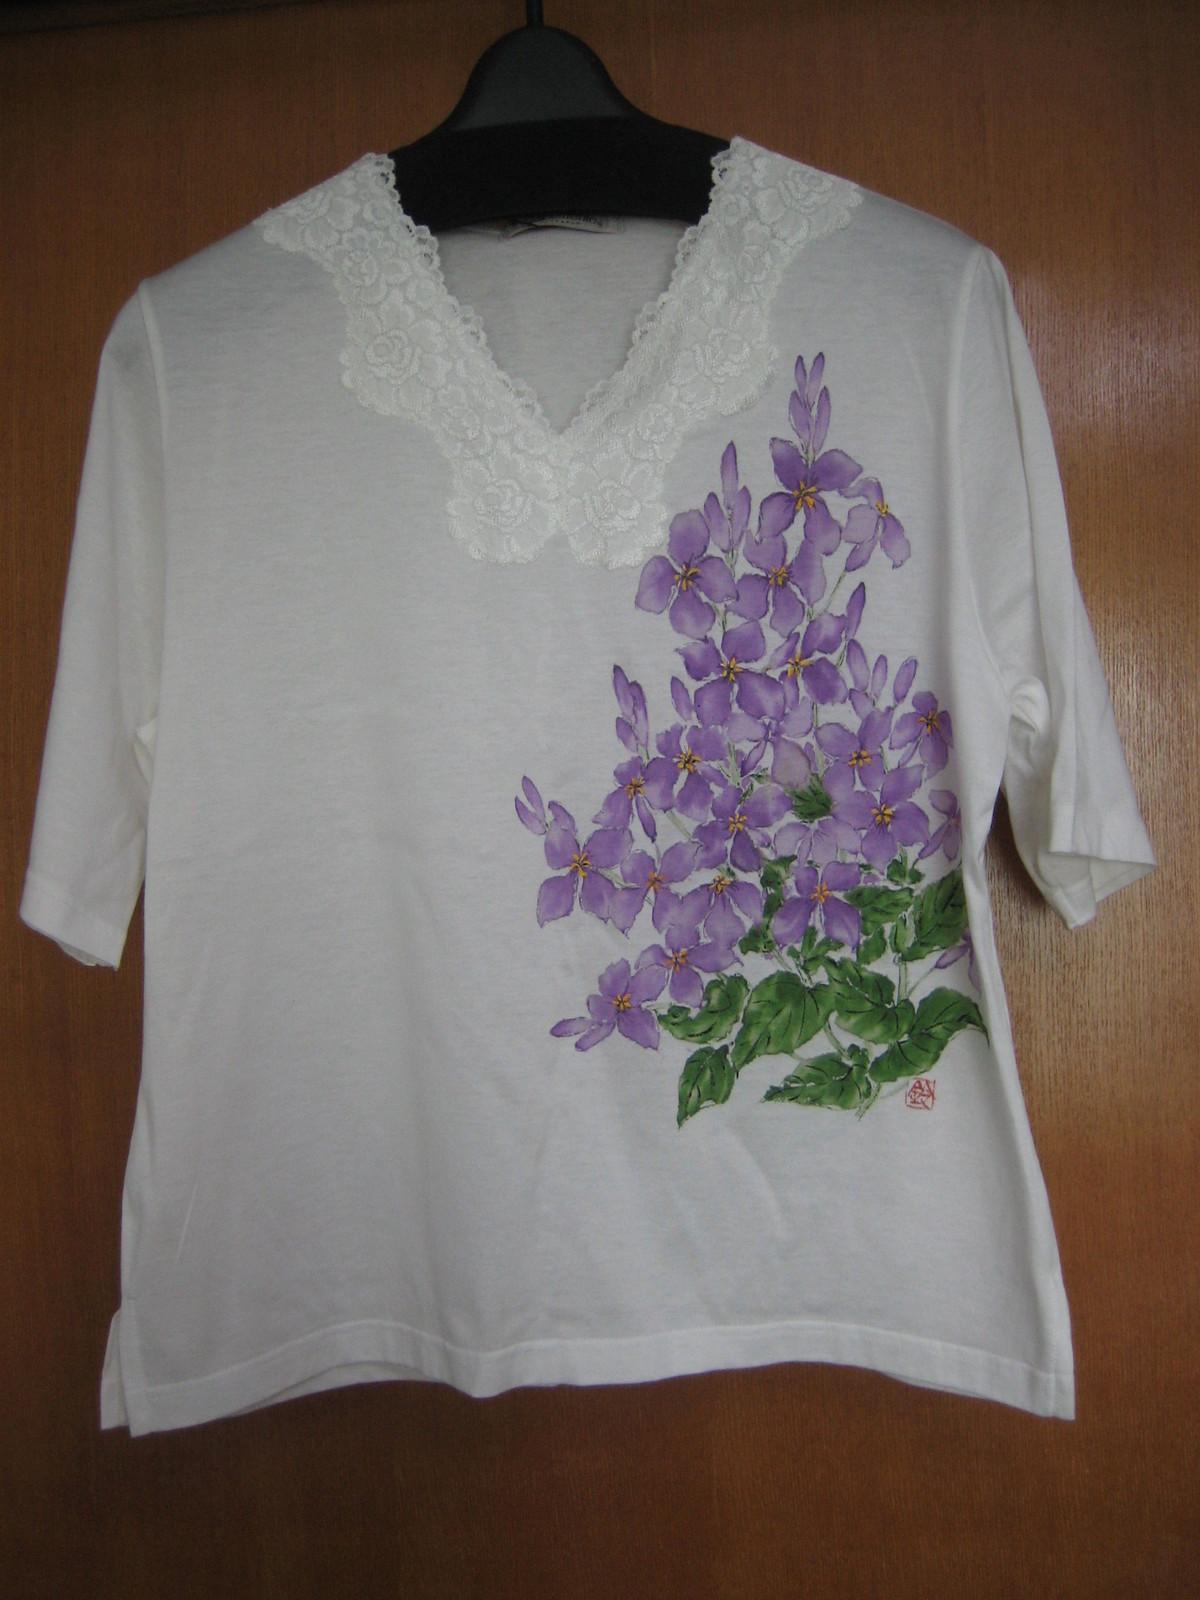 ムラサキハナナの花(諸葛菜)のTシャツ